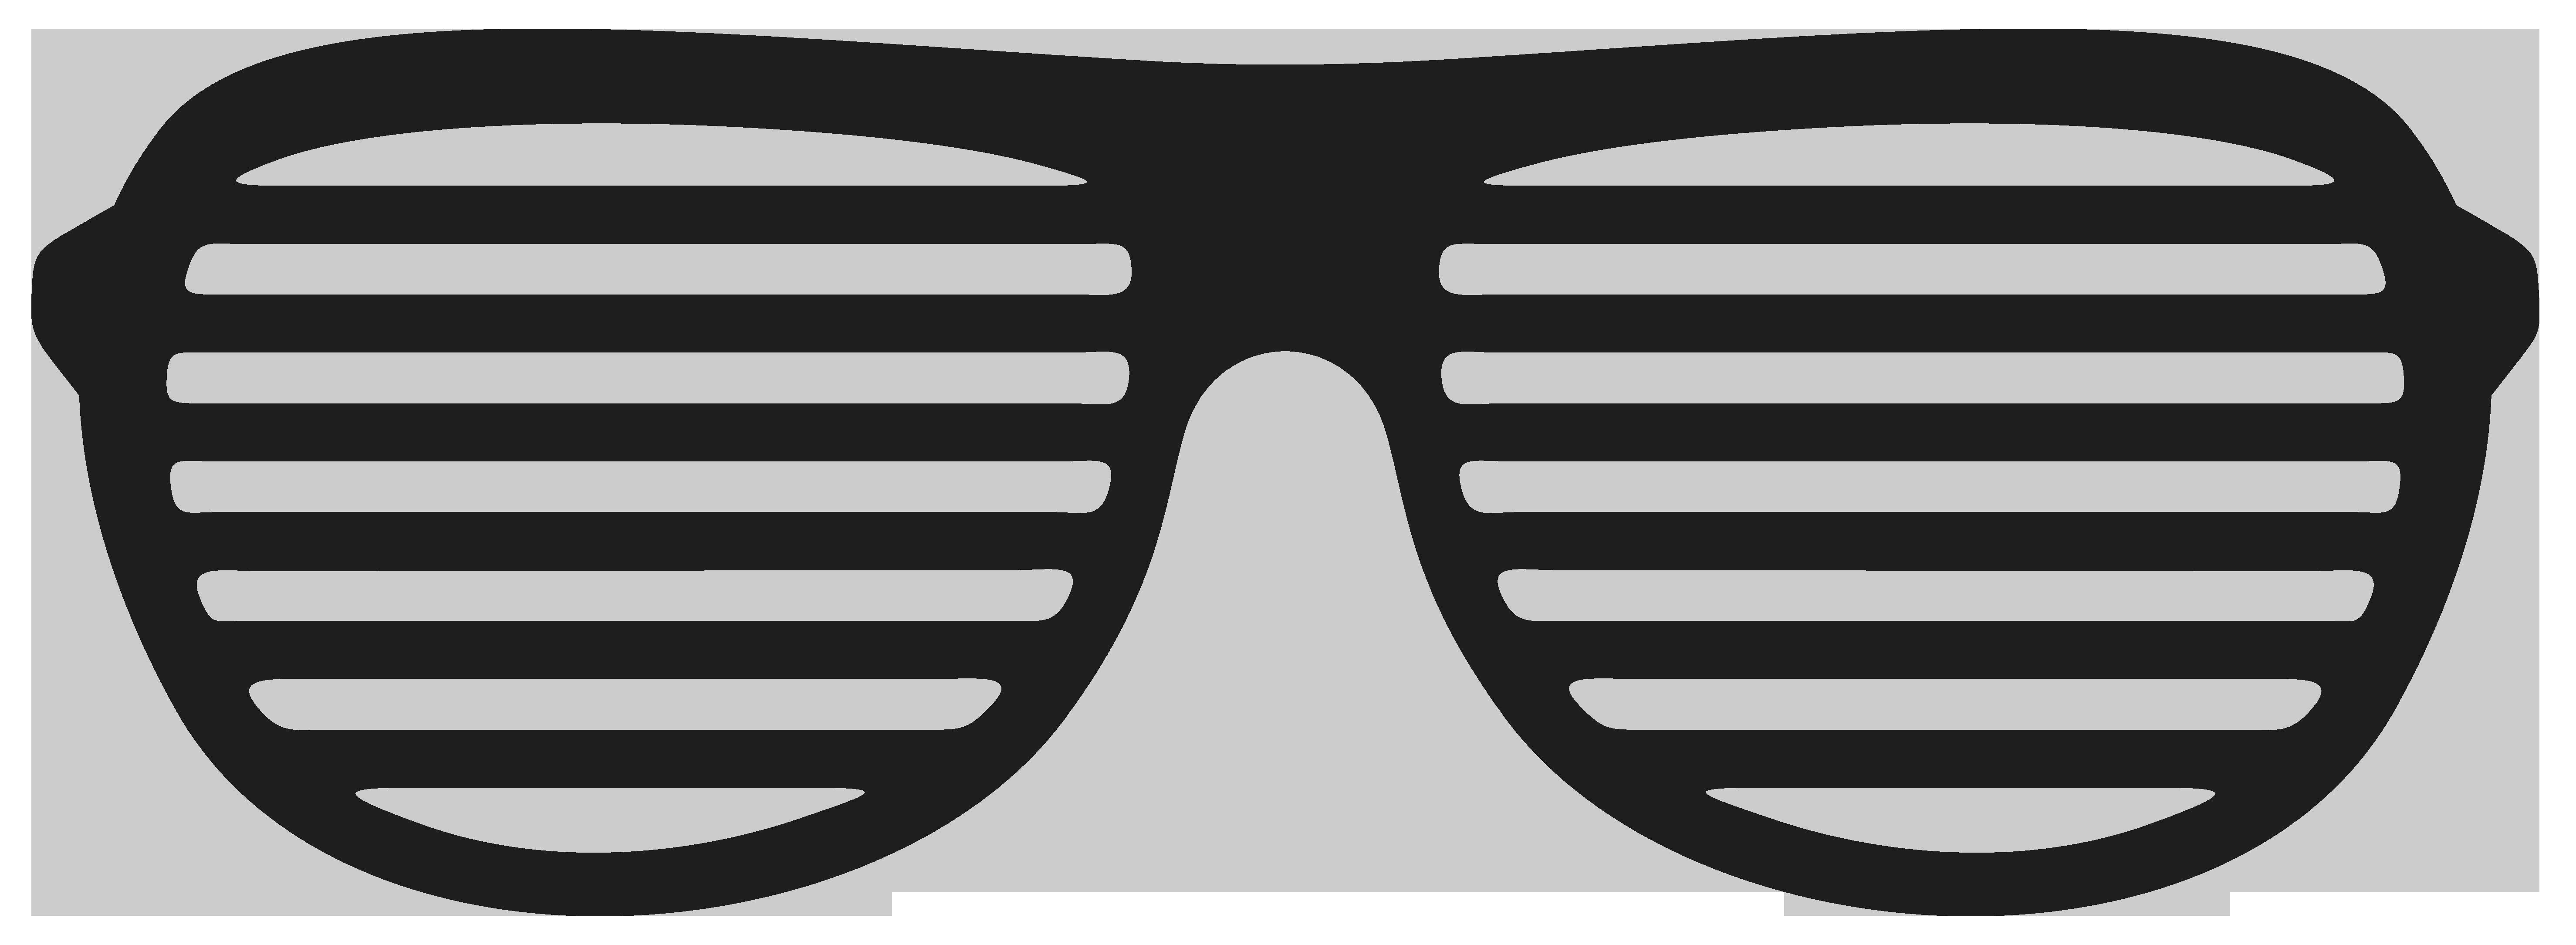 Shutter shades stock illustration. White clipart sunglasses